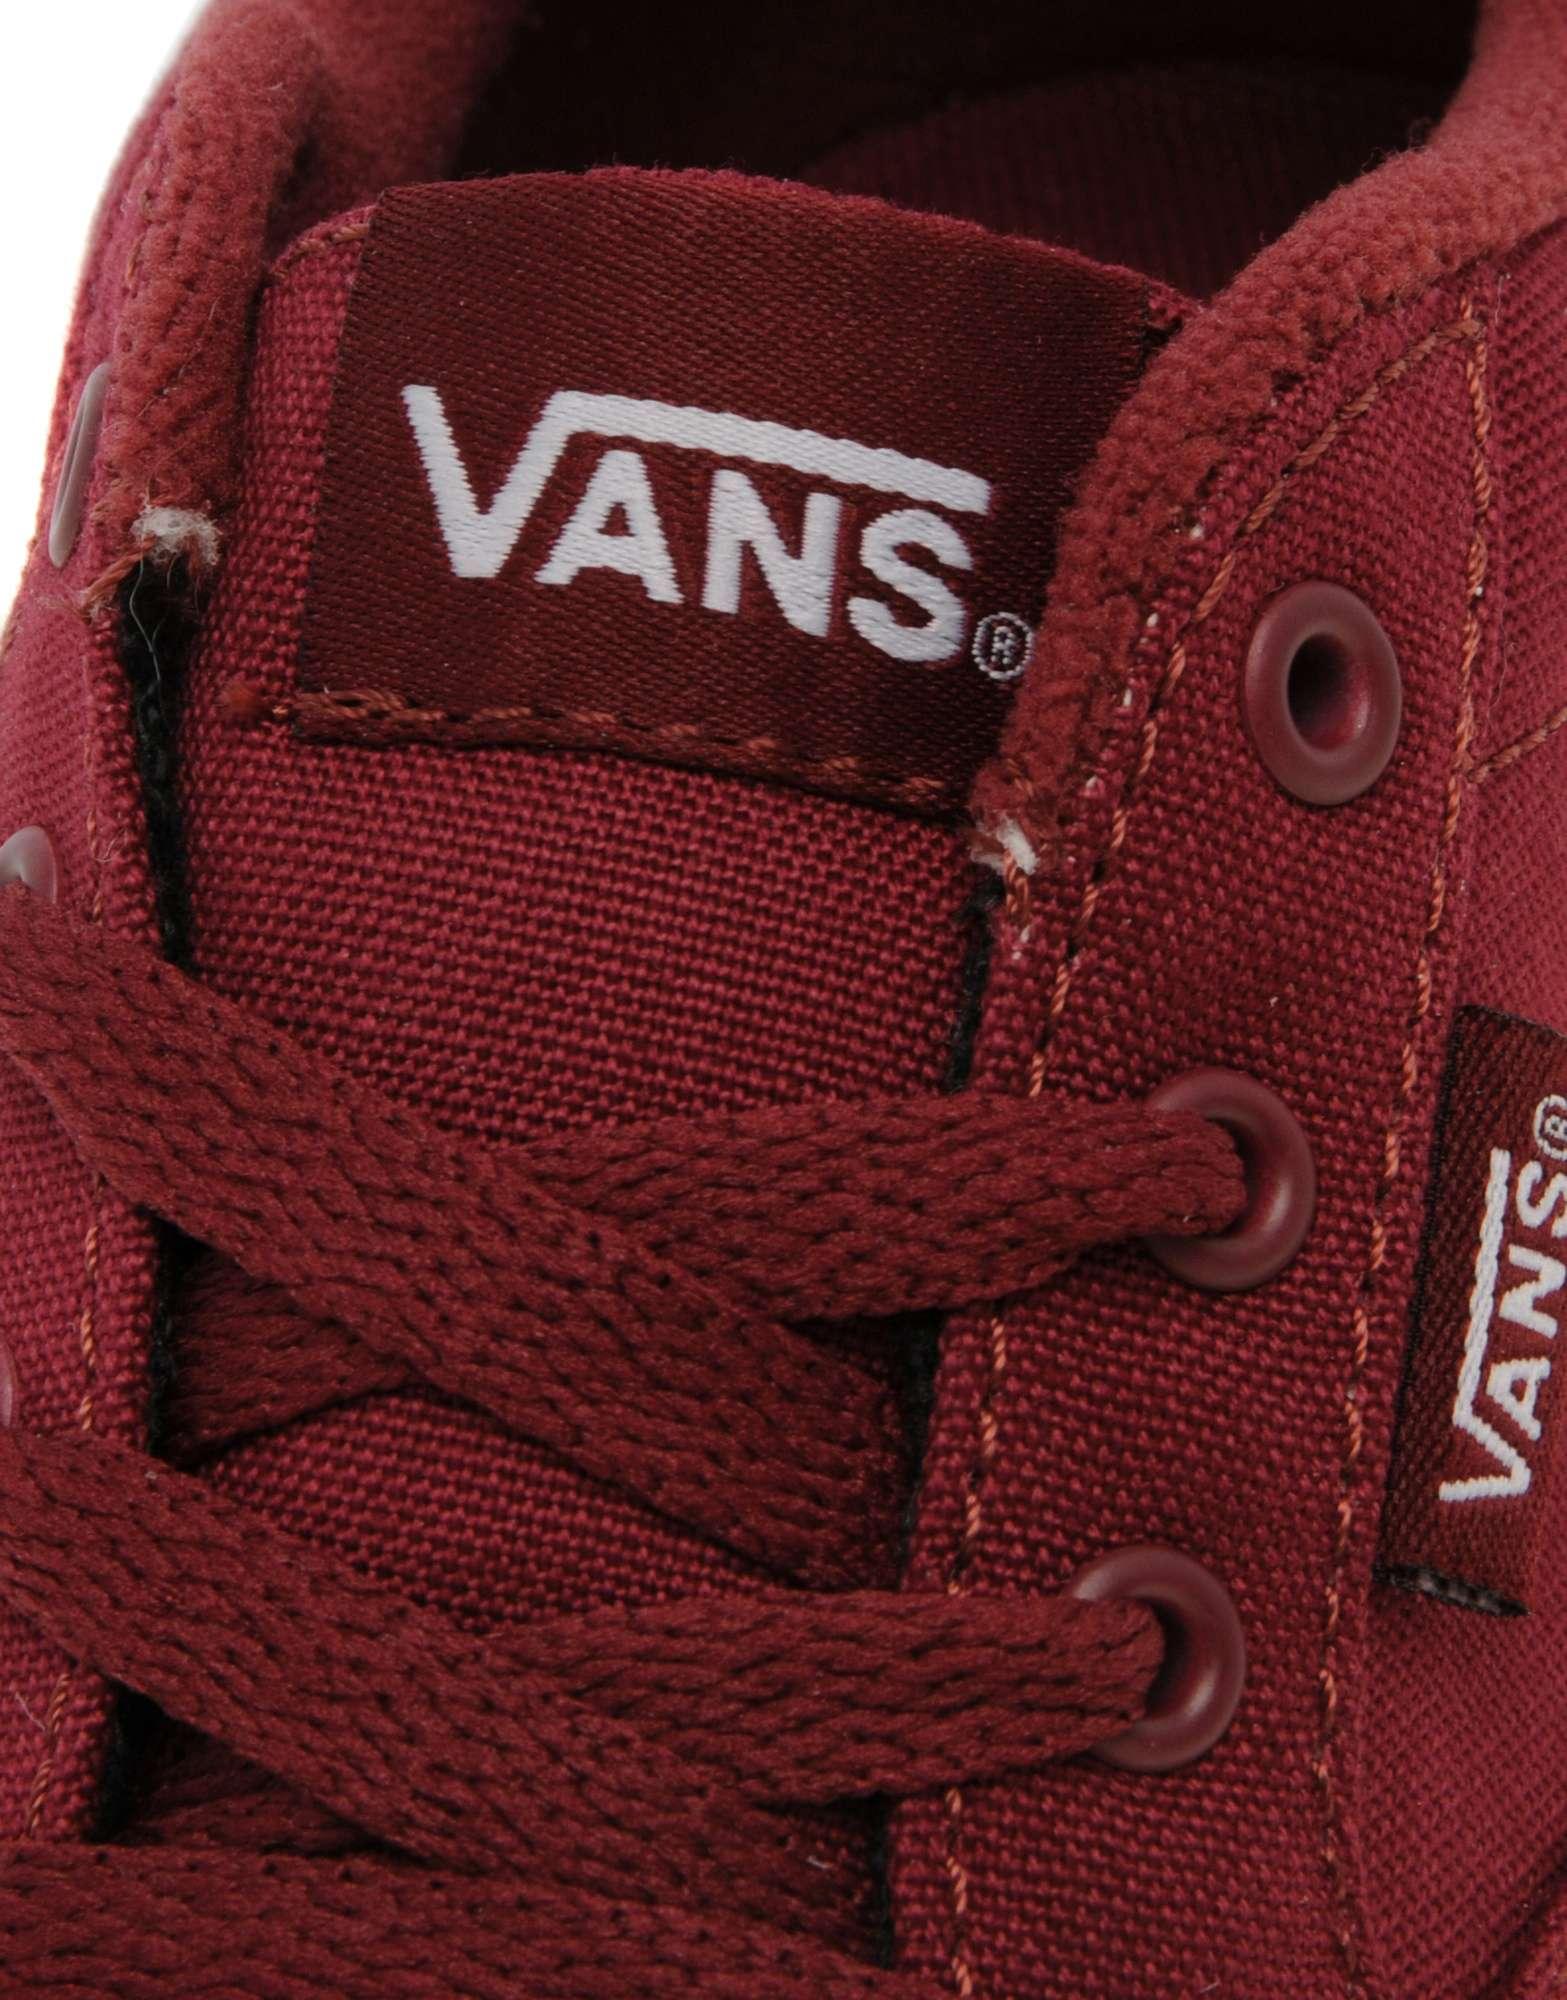 Vans Winston Children